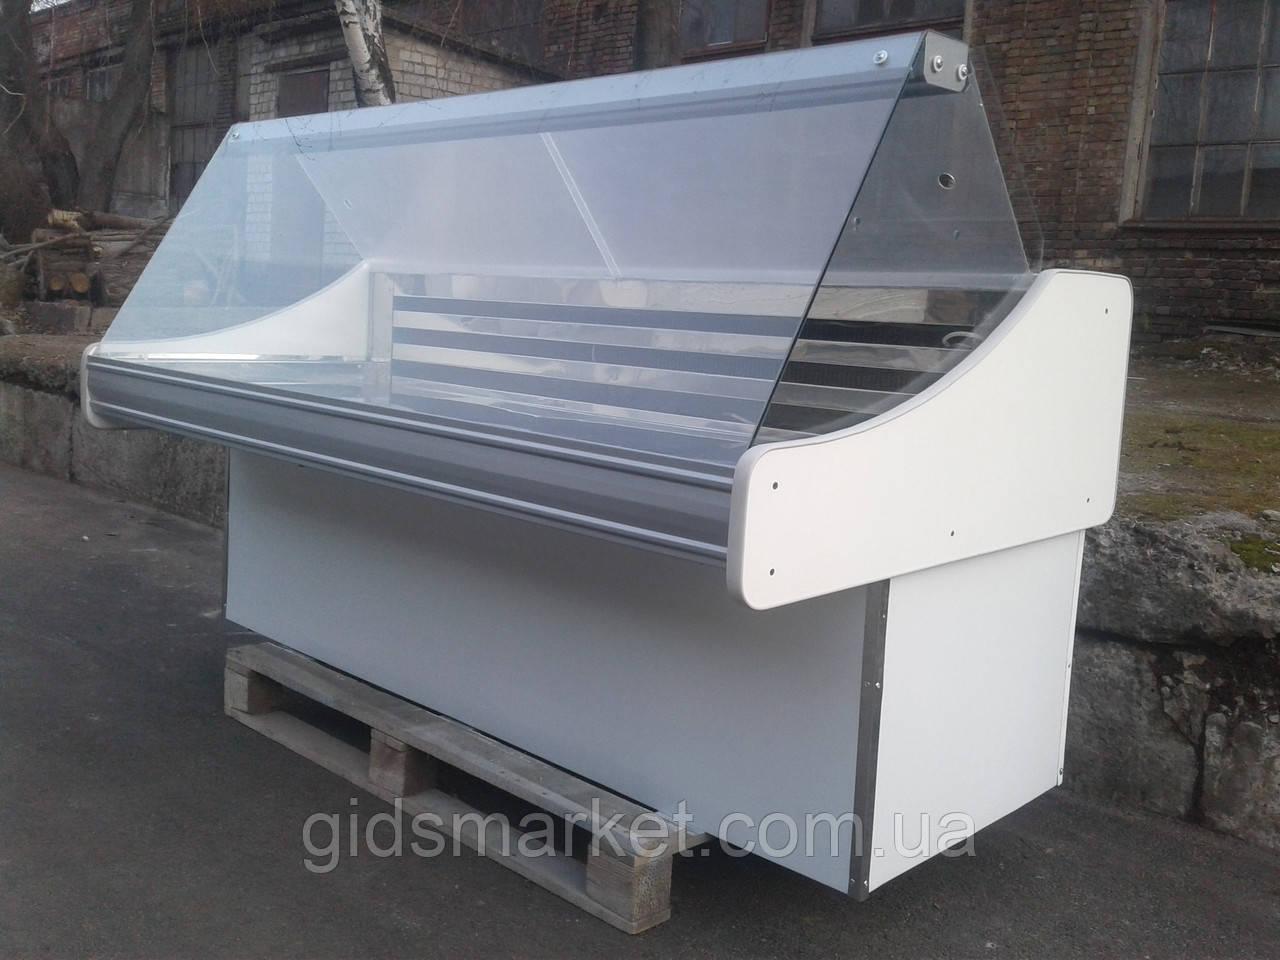 Холодильная витрина Технохолод б/у, Холодильный гастрономический прилавок 1,8 м. б/у, Гастрономическая витрина